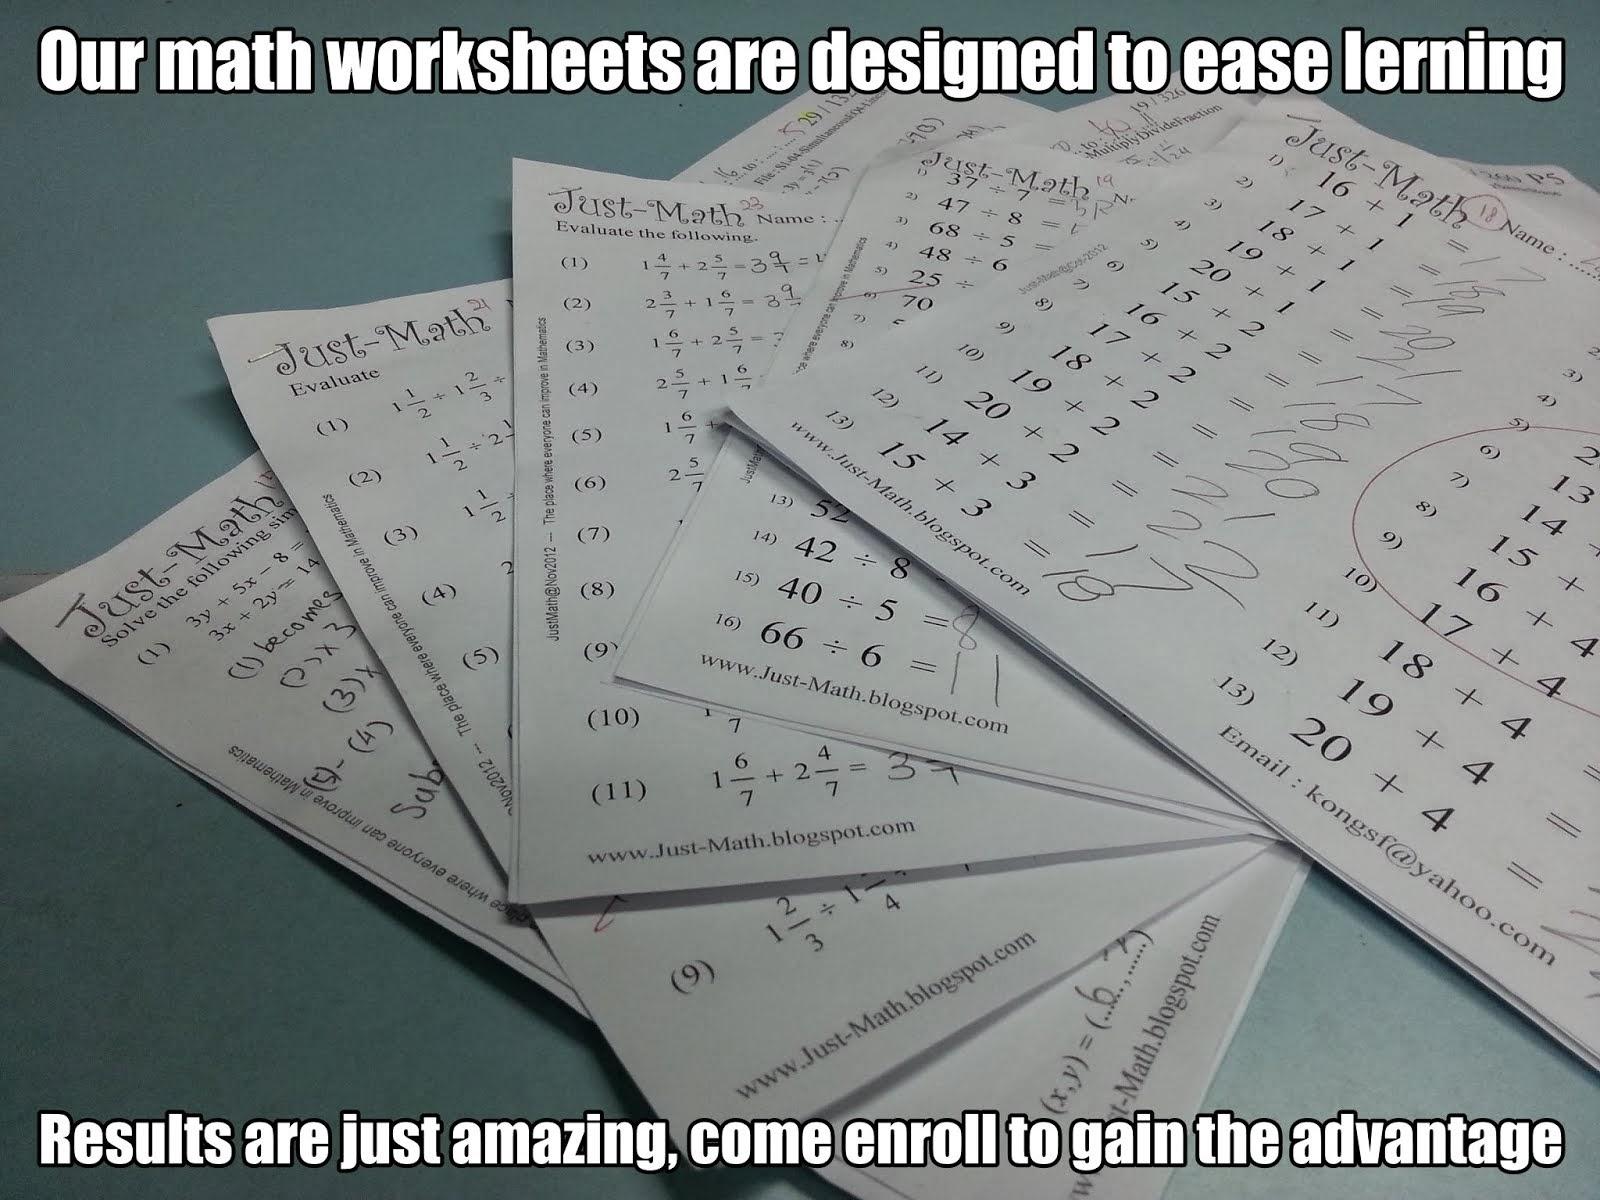 math worksheet : just math mathematics development centre : Kumon Math Worksheets Download